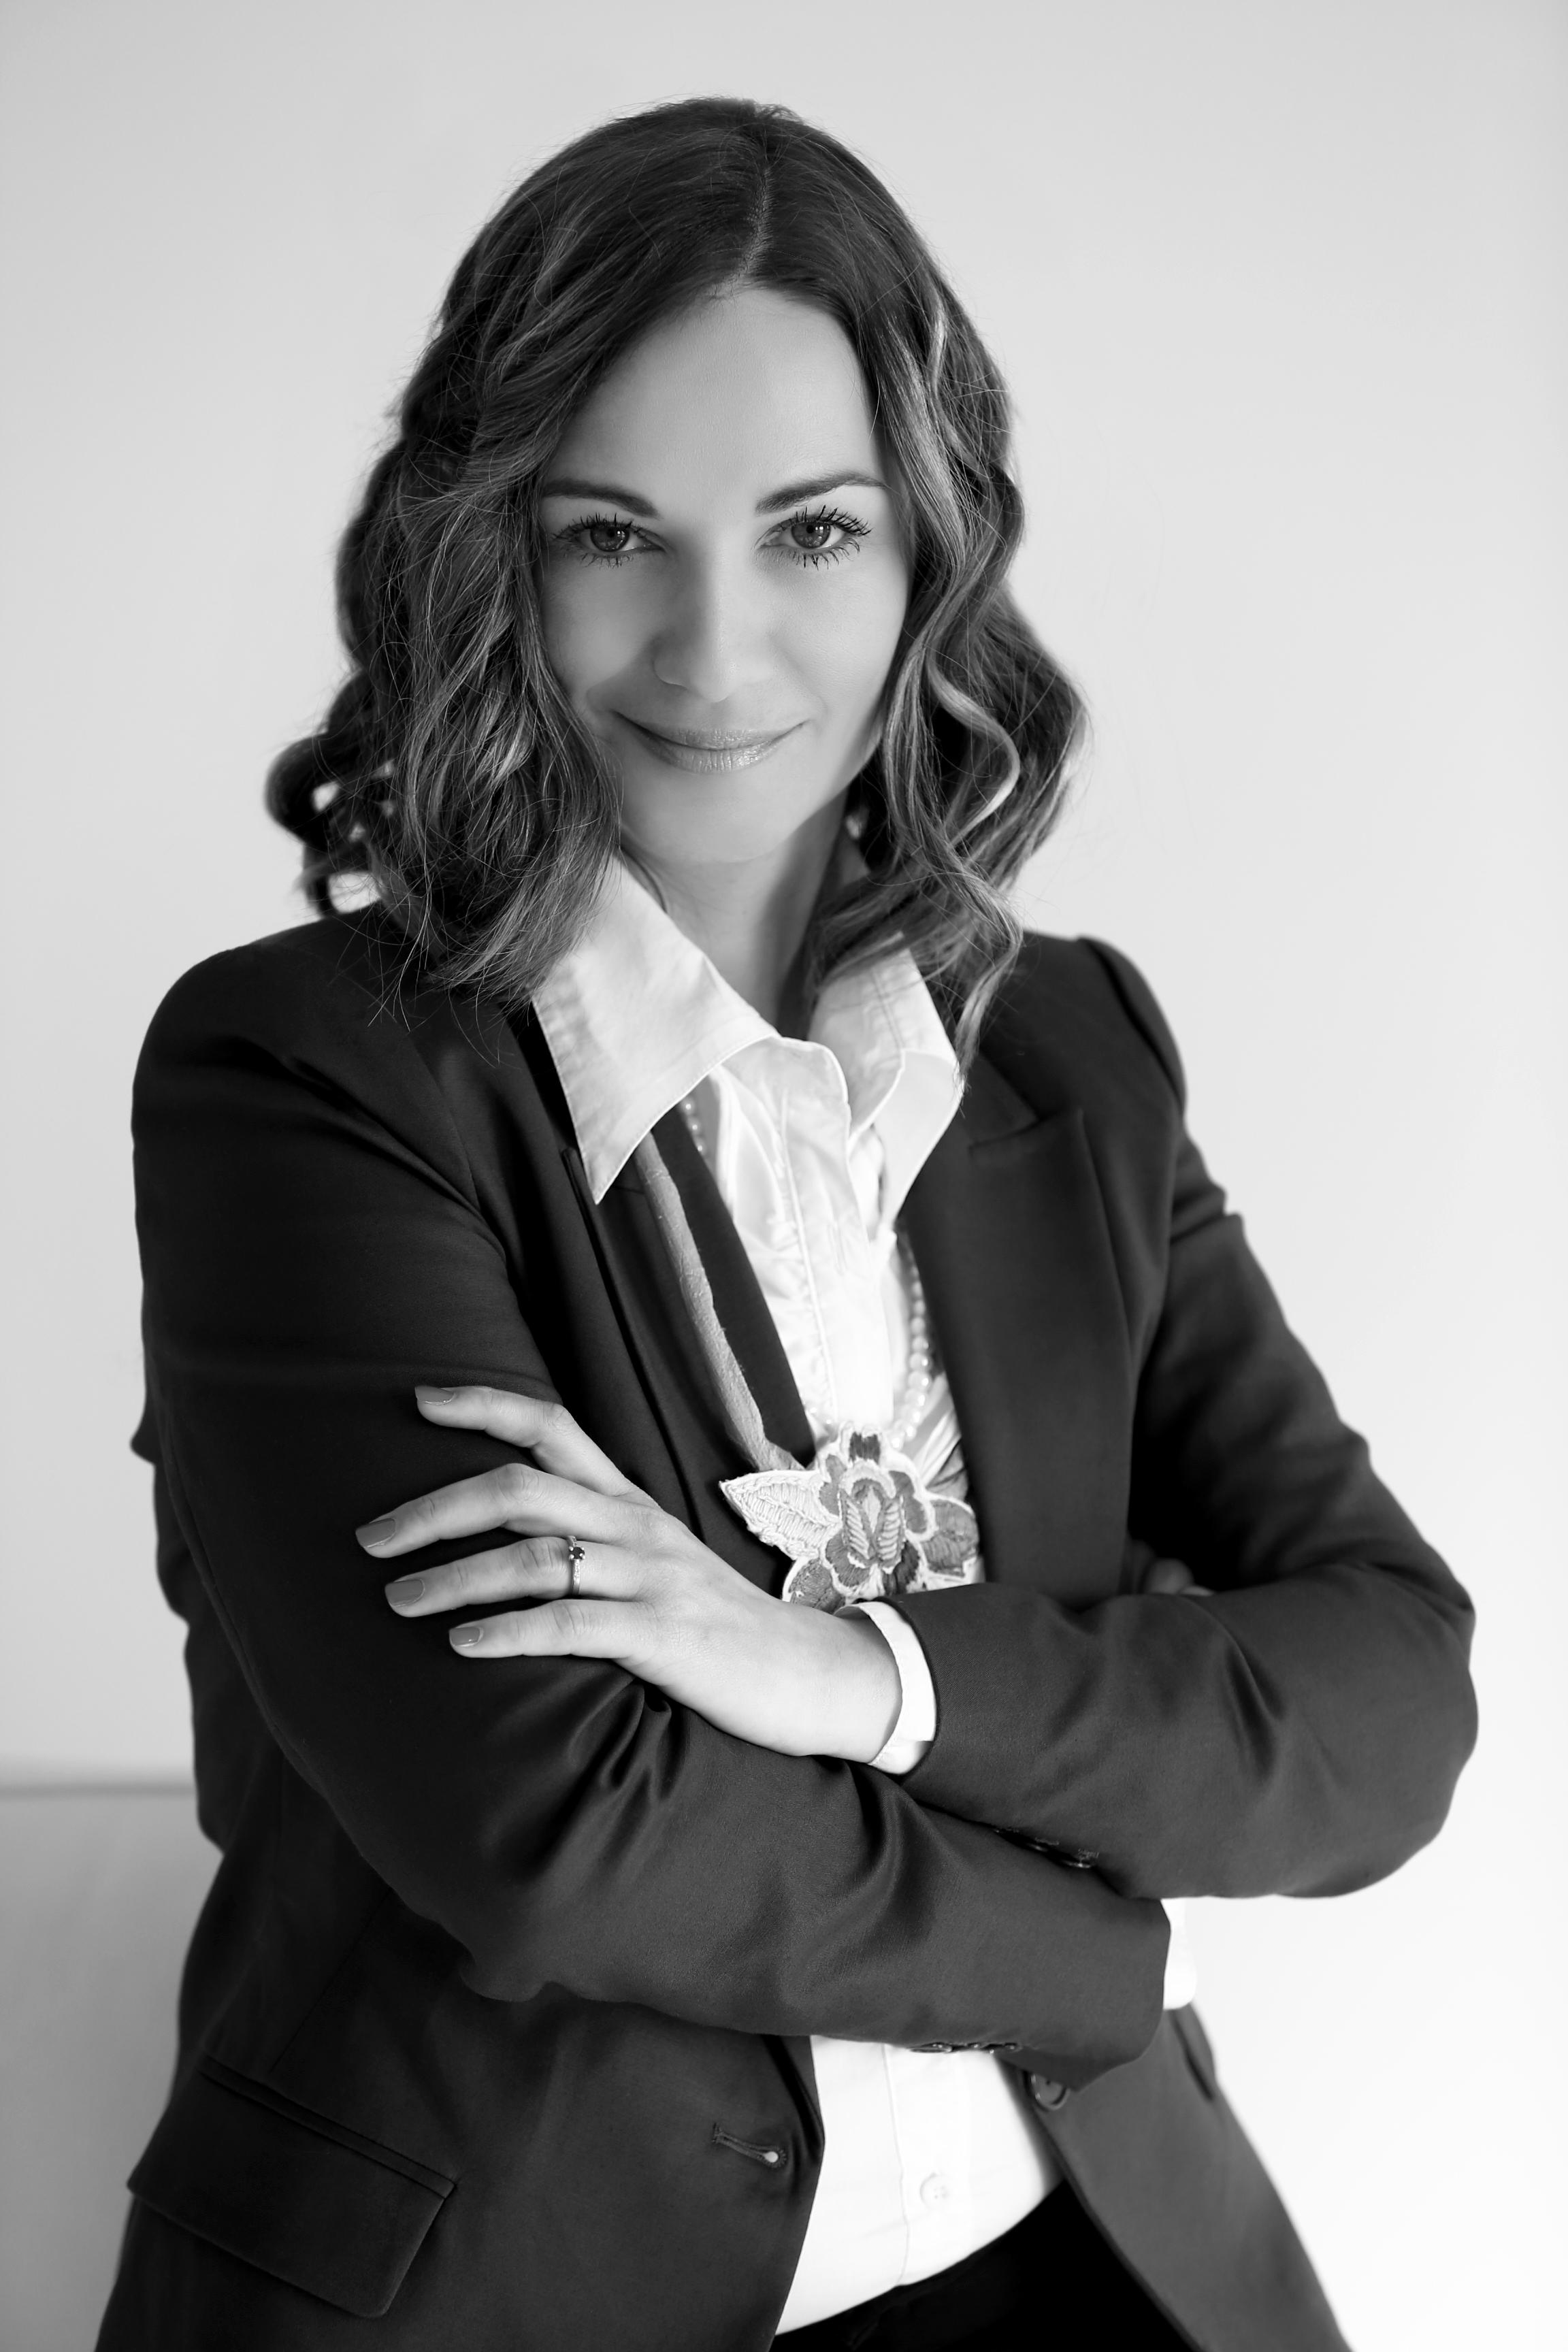 Bojana Stankovic